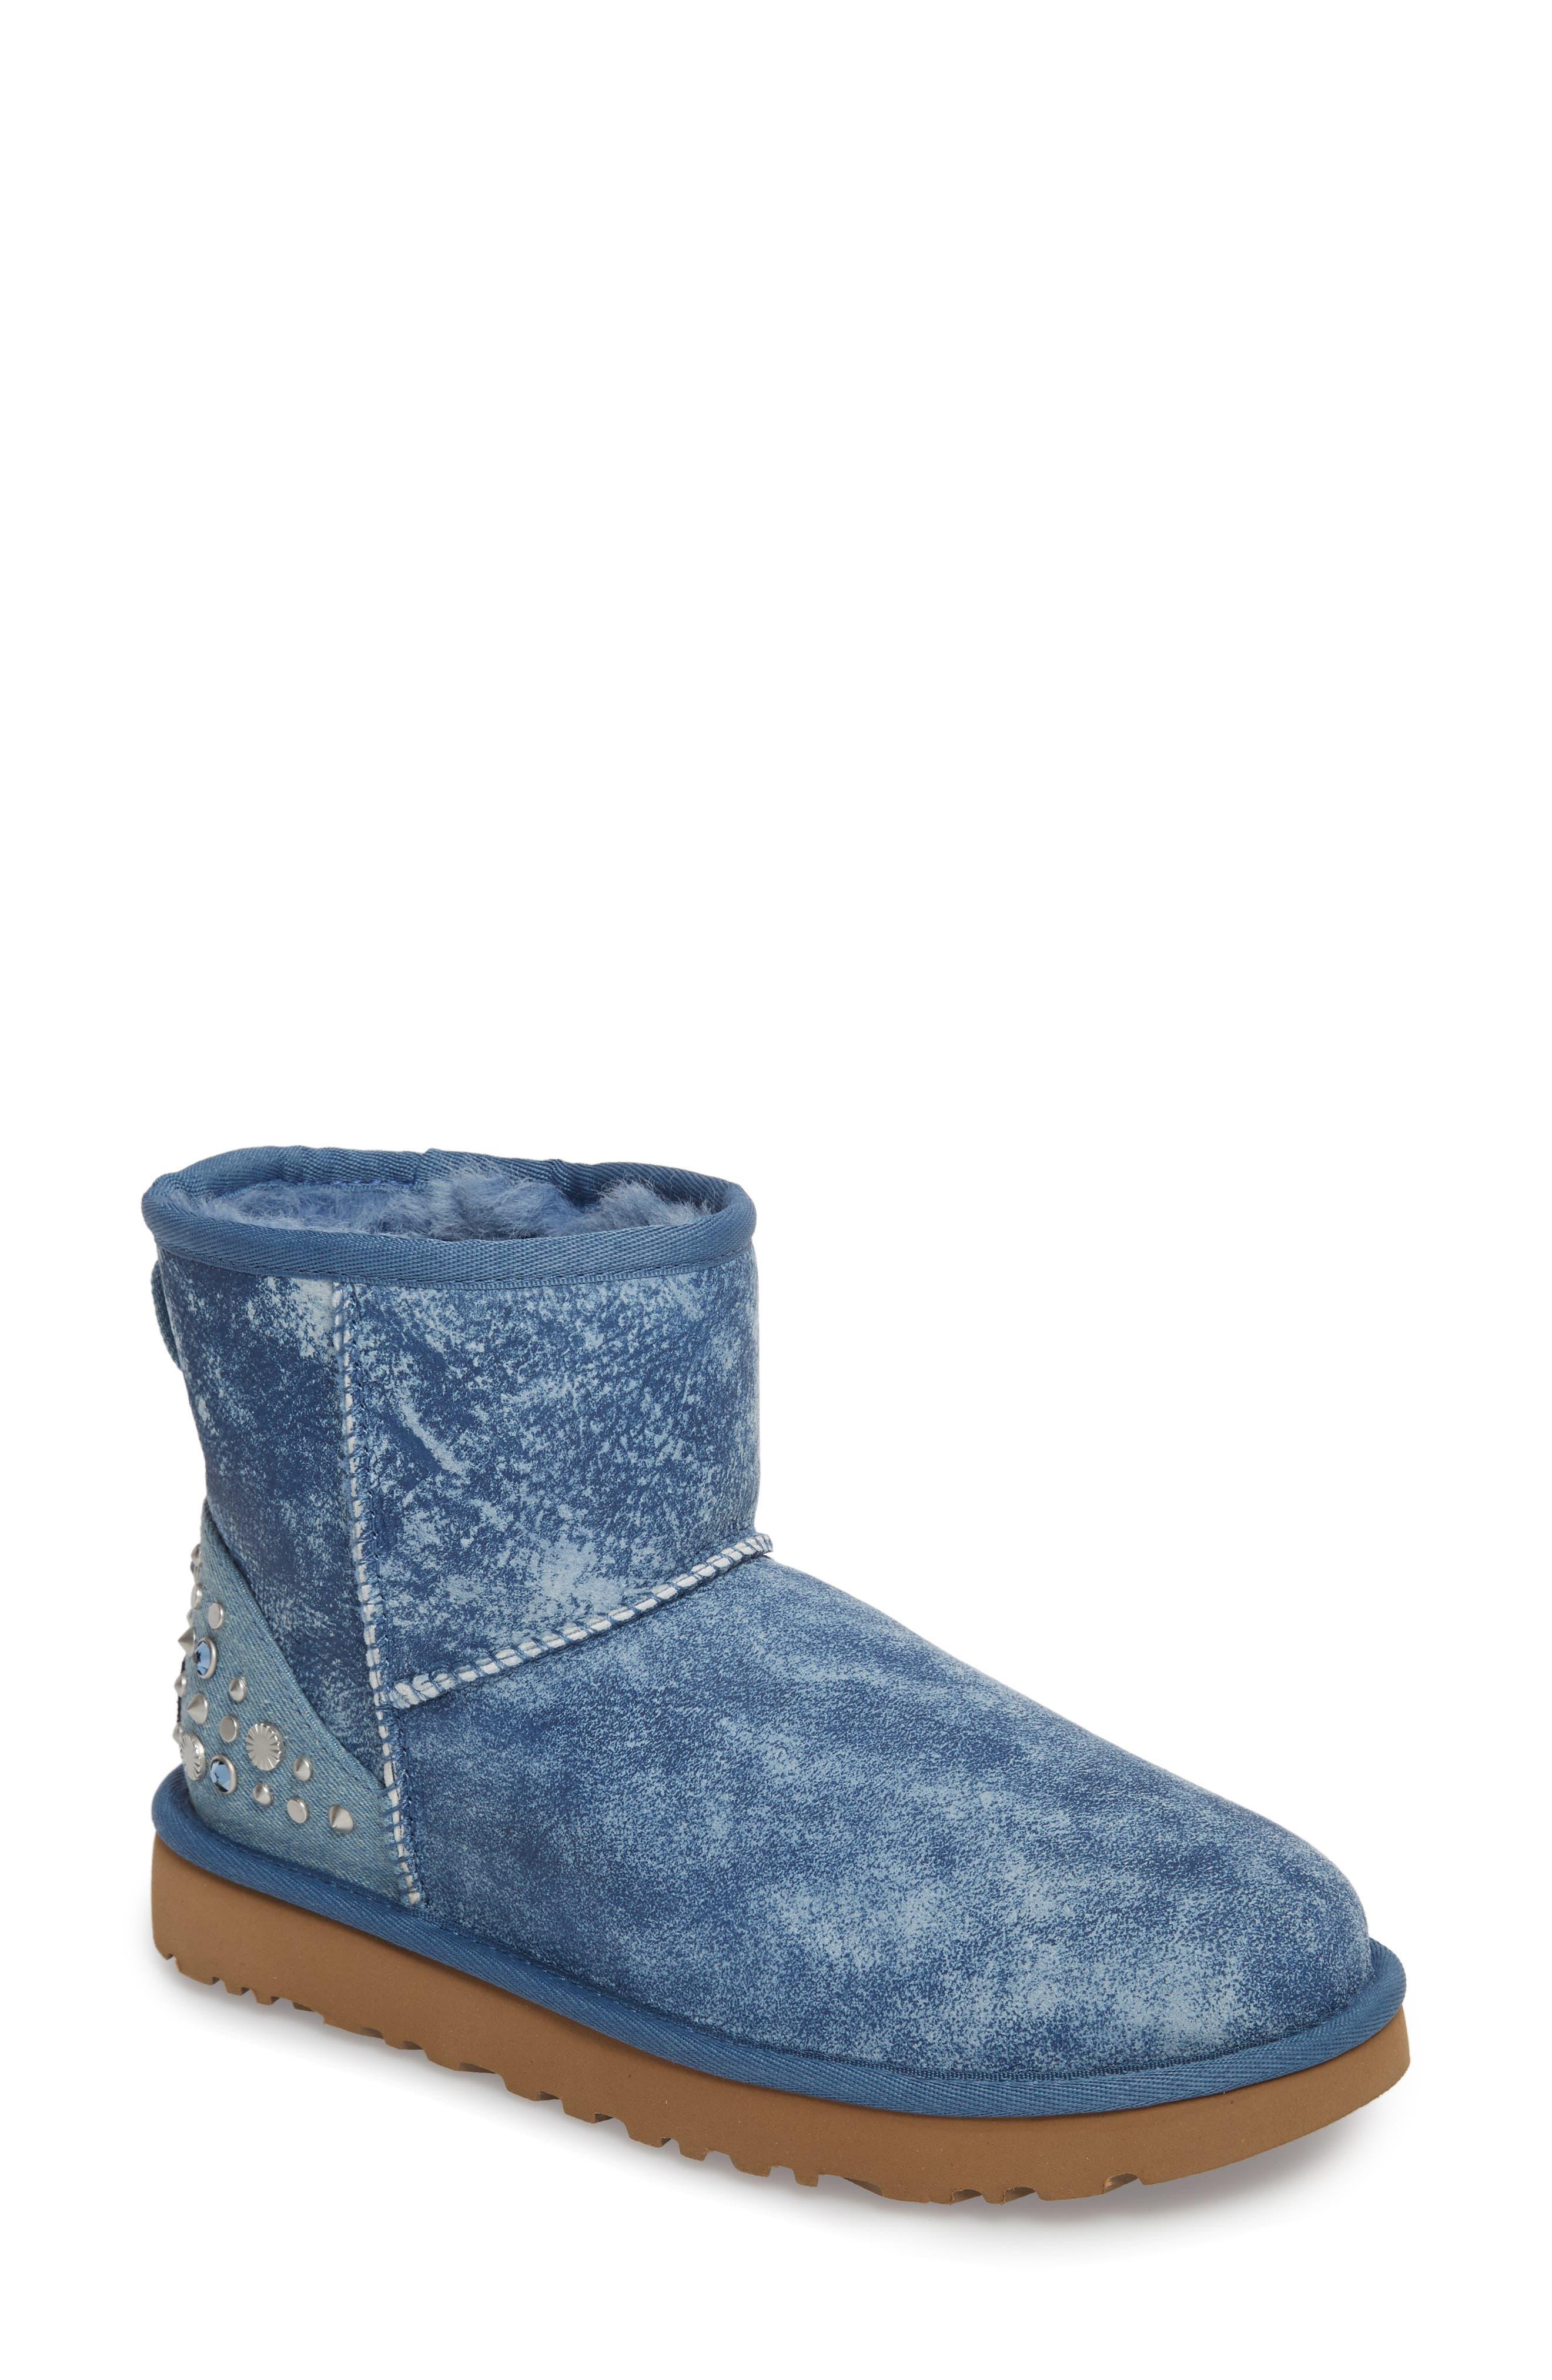 Alternate Image 1 Selected - UGG® Mini Studded Bling Boot (Women)